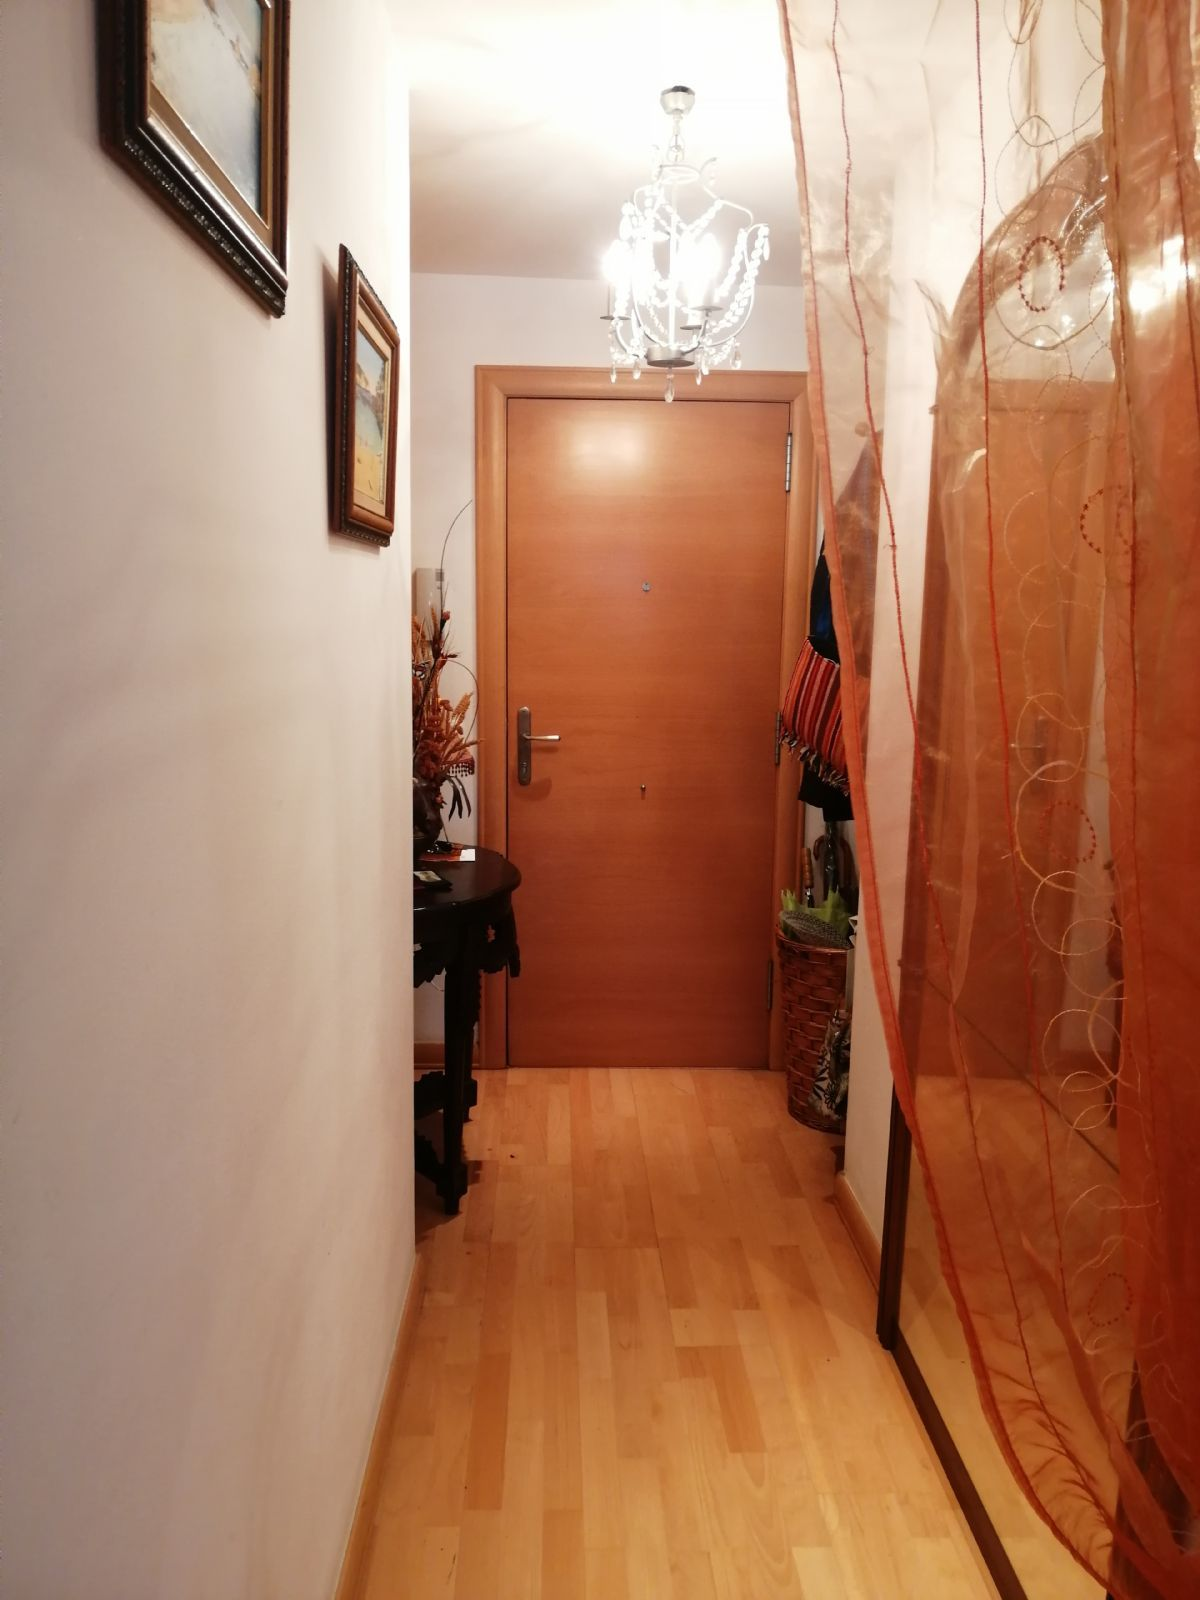 Piso en venta en Mahón, Baleares, Via Ronda, 258.000 €, 110 m2